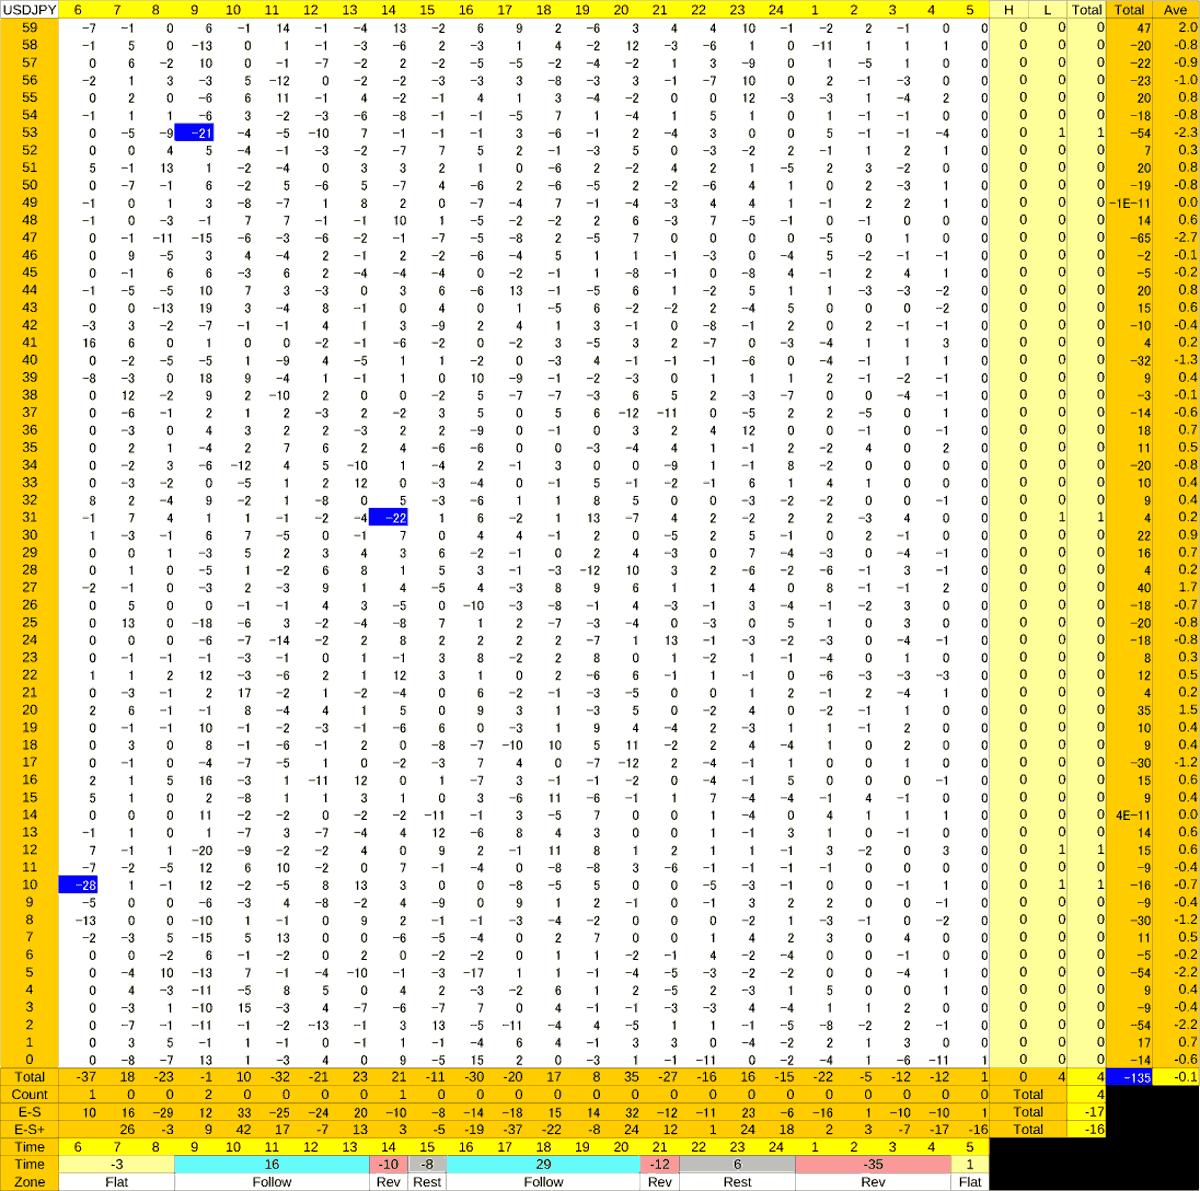 20200703_HS(1)USDJPY